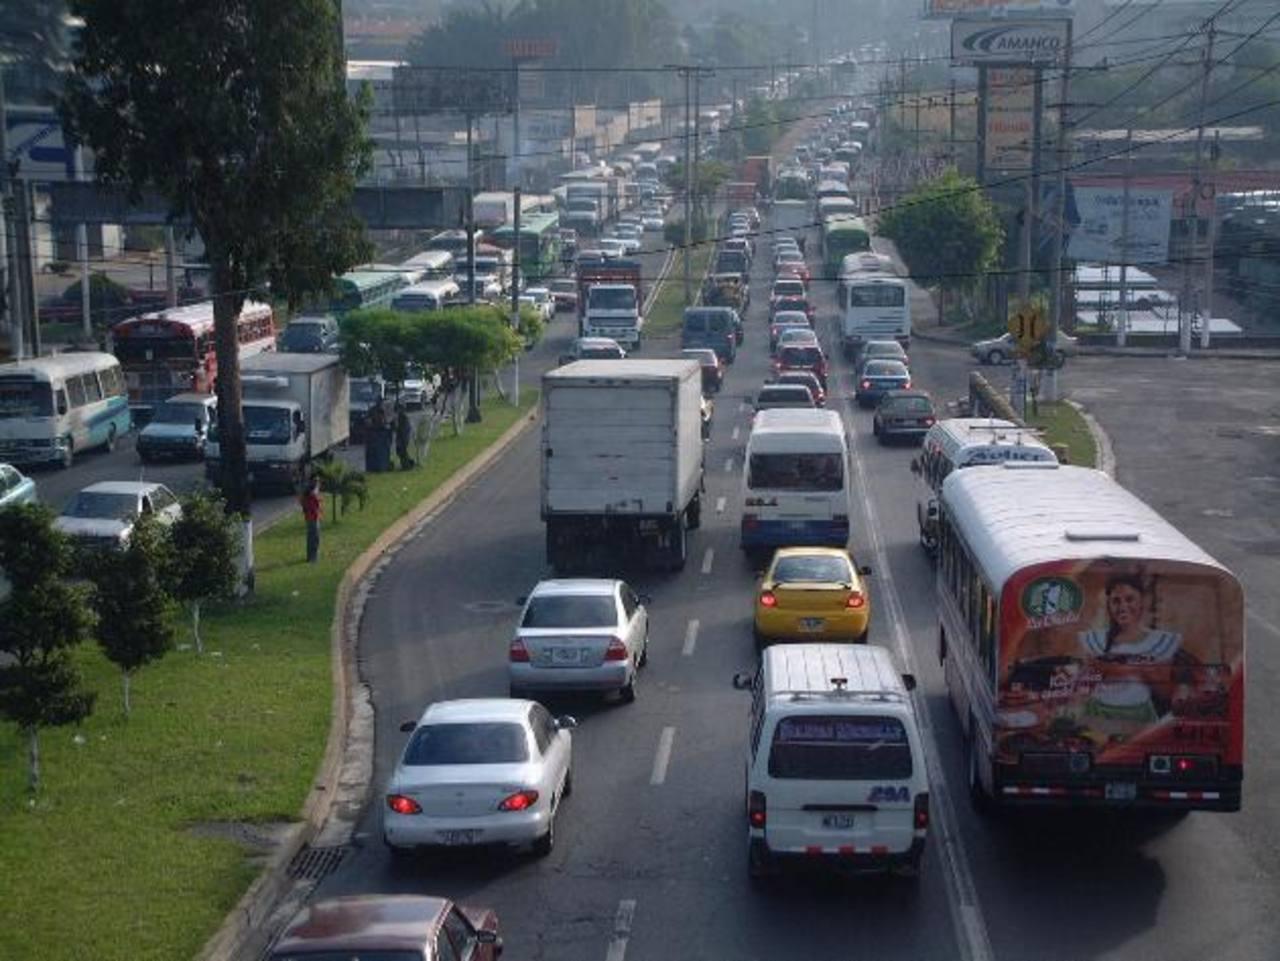 Los transportistas del sector de Soyapango y sus alrededores aseguran que con el Sitramss saldrán de circulación y hasta la fecha no les han dado alternativa alguna para ellos por parte del VMT. Foto EDH